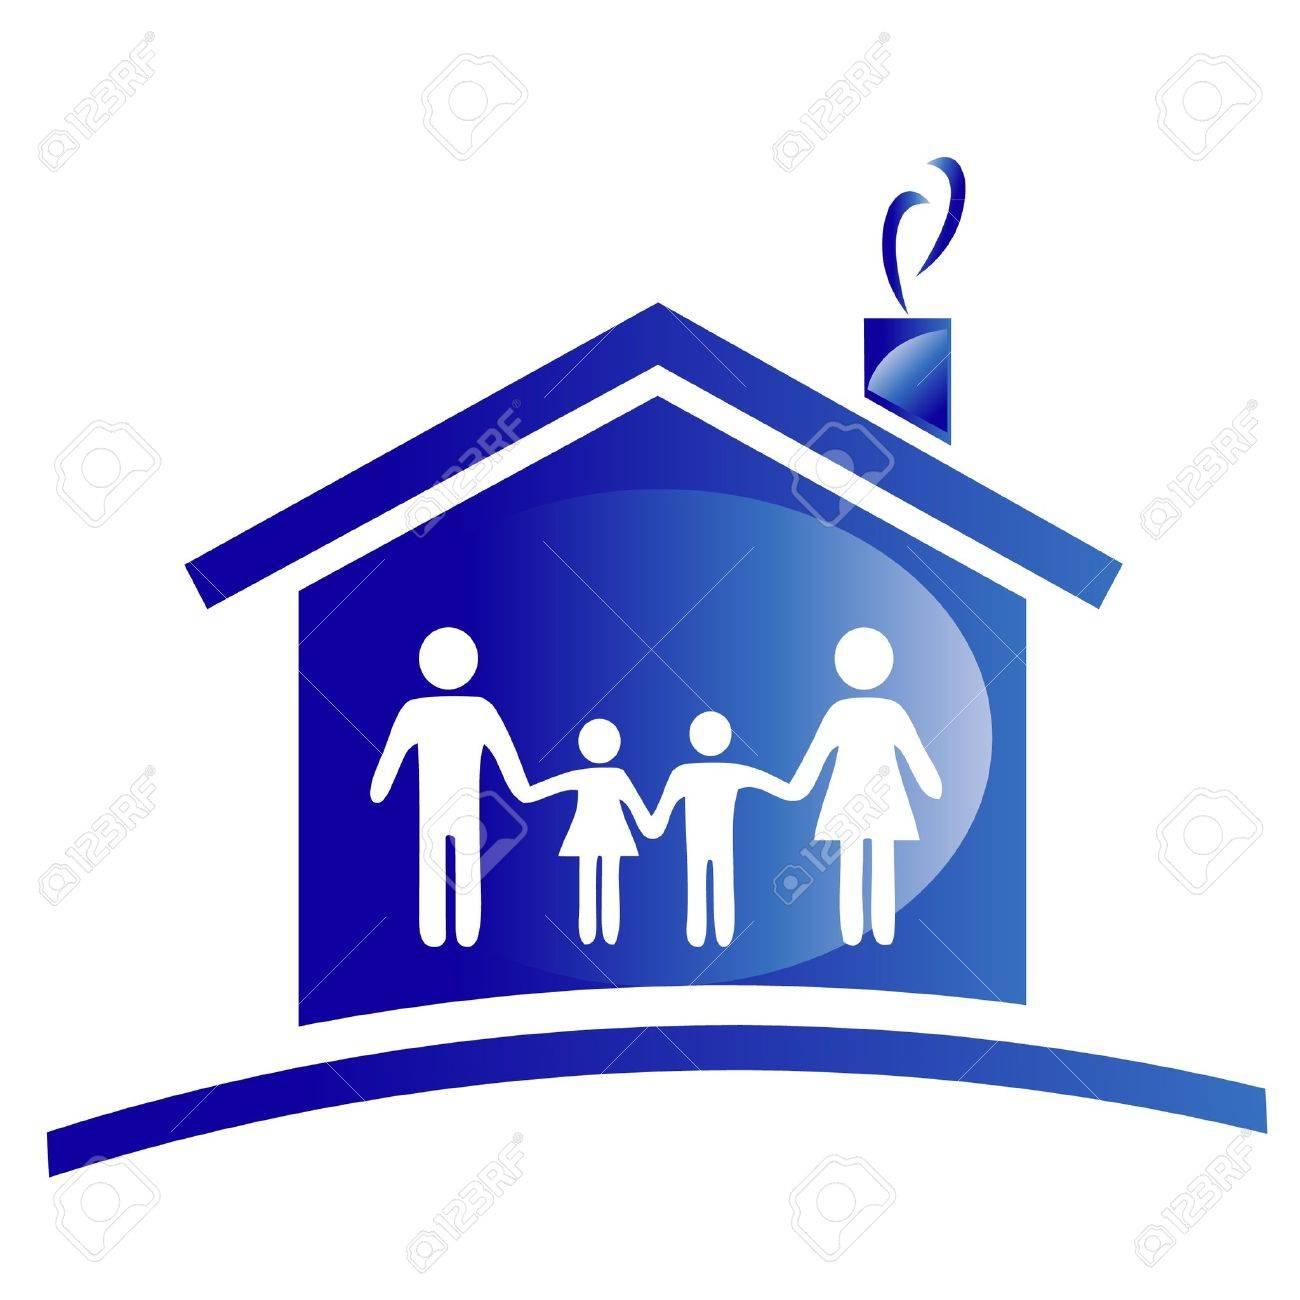 Famille Et Le Logo Icone De La Maison Clip Art Libres De Droits Vecteurs Et Illustration Image 11591185